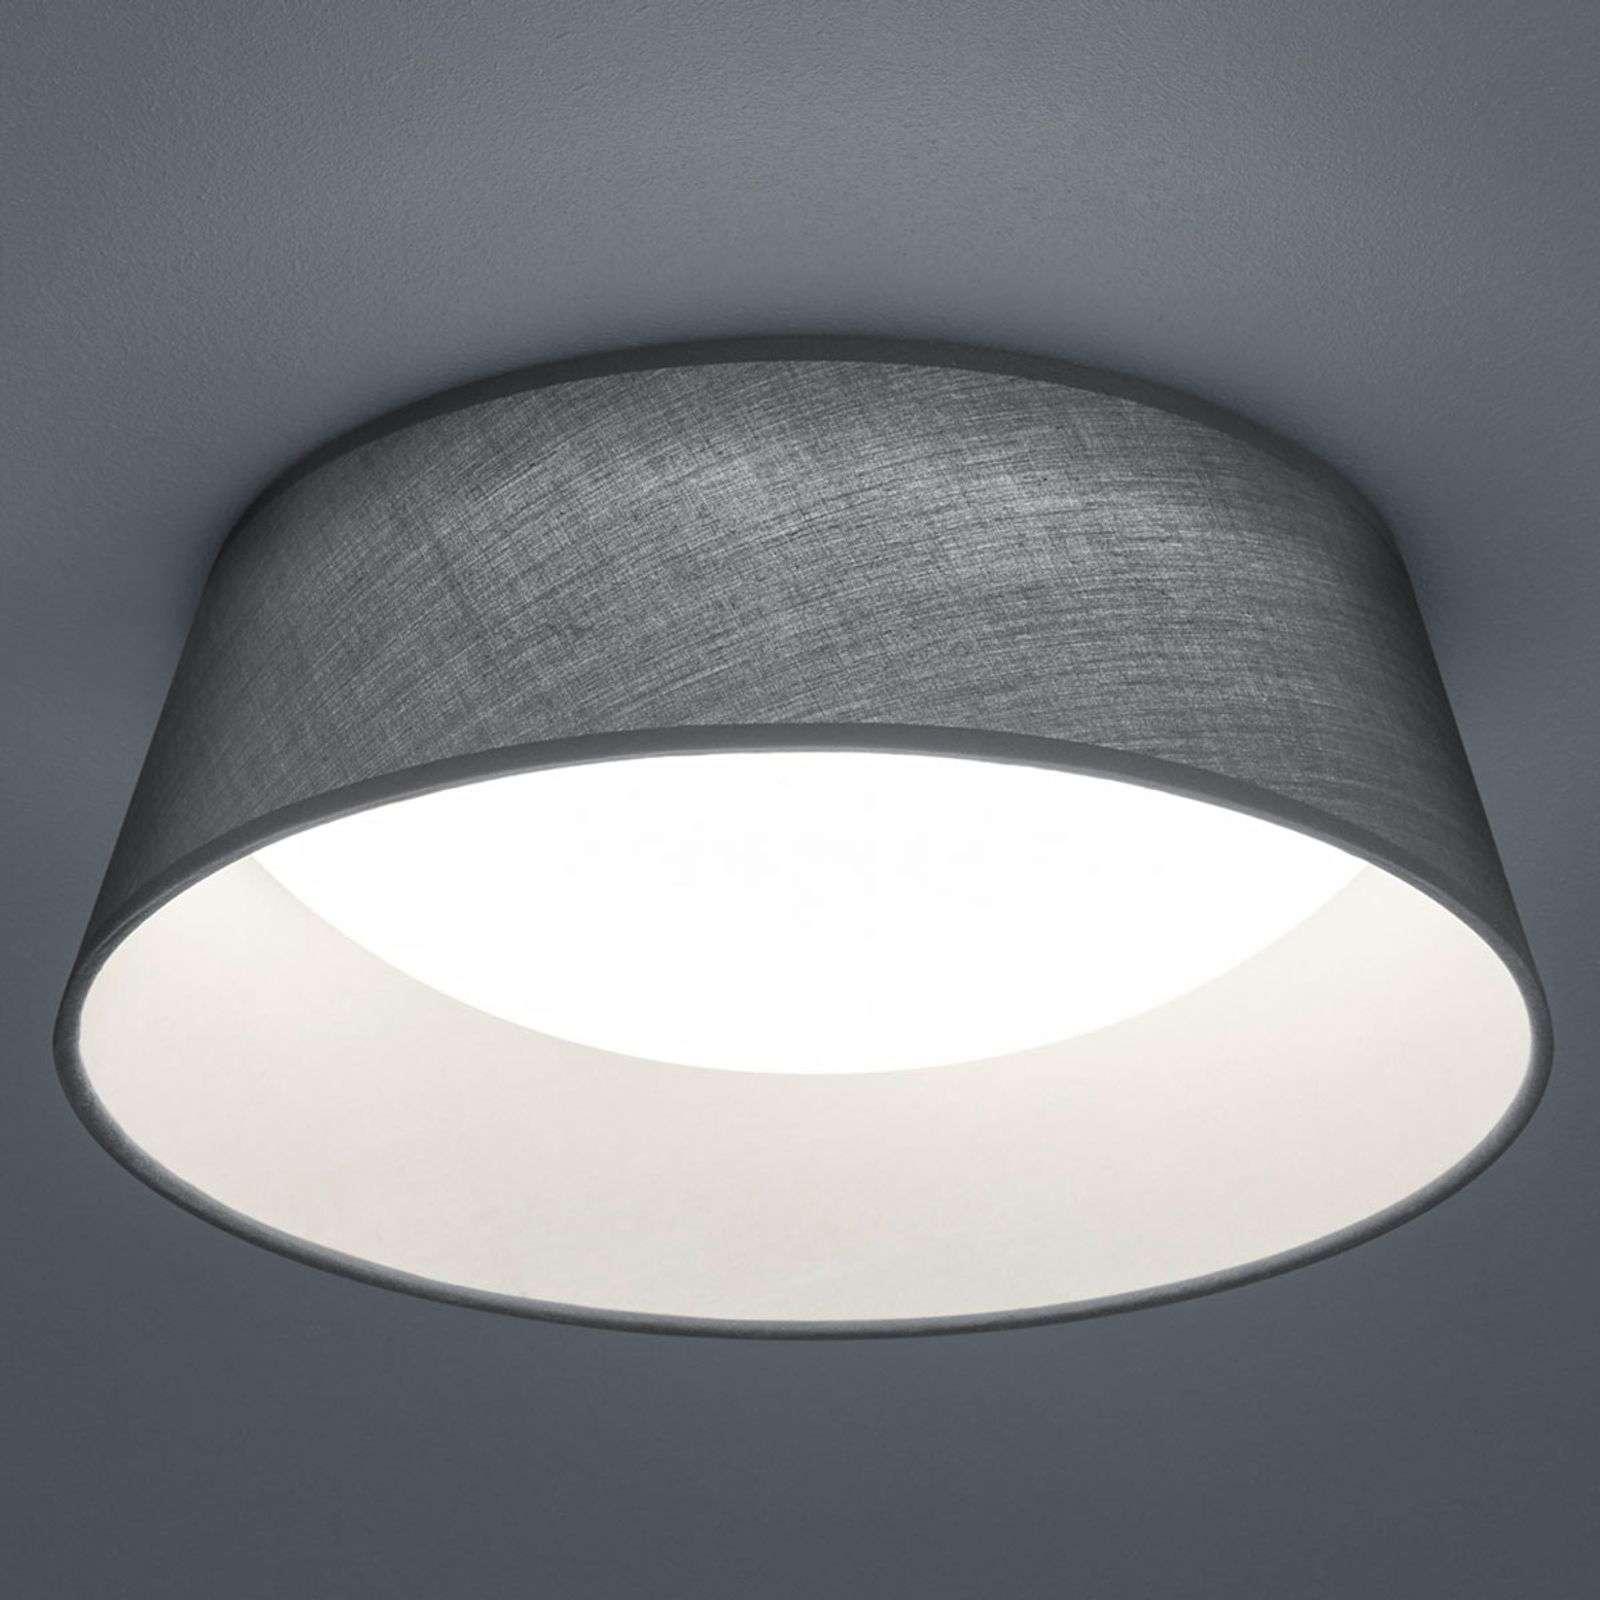 Full Size of Reality Leuchten Deckenlampe Ponts Deckenleuchte Textil Modern Modernes Sofa Moderne Bilder Fürs Wohnzimmer Duschen Deckenleuchten Schlafzimmer Deckenlampen Wohnzimmer Deckenleuchten Modern